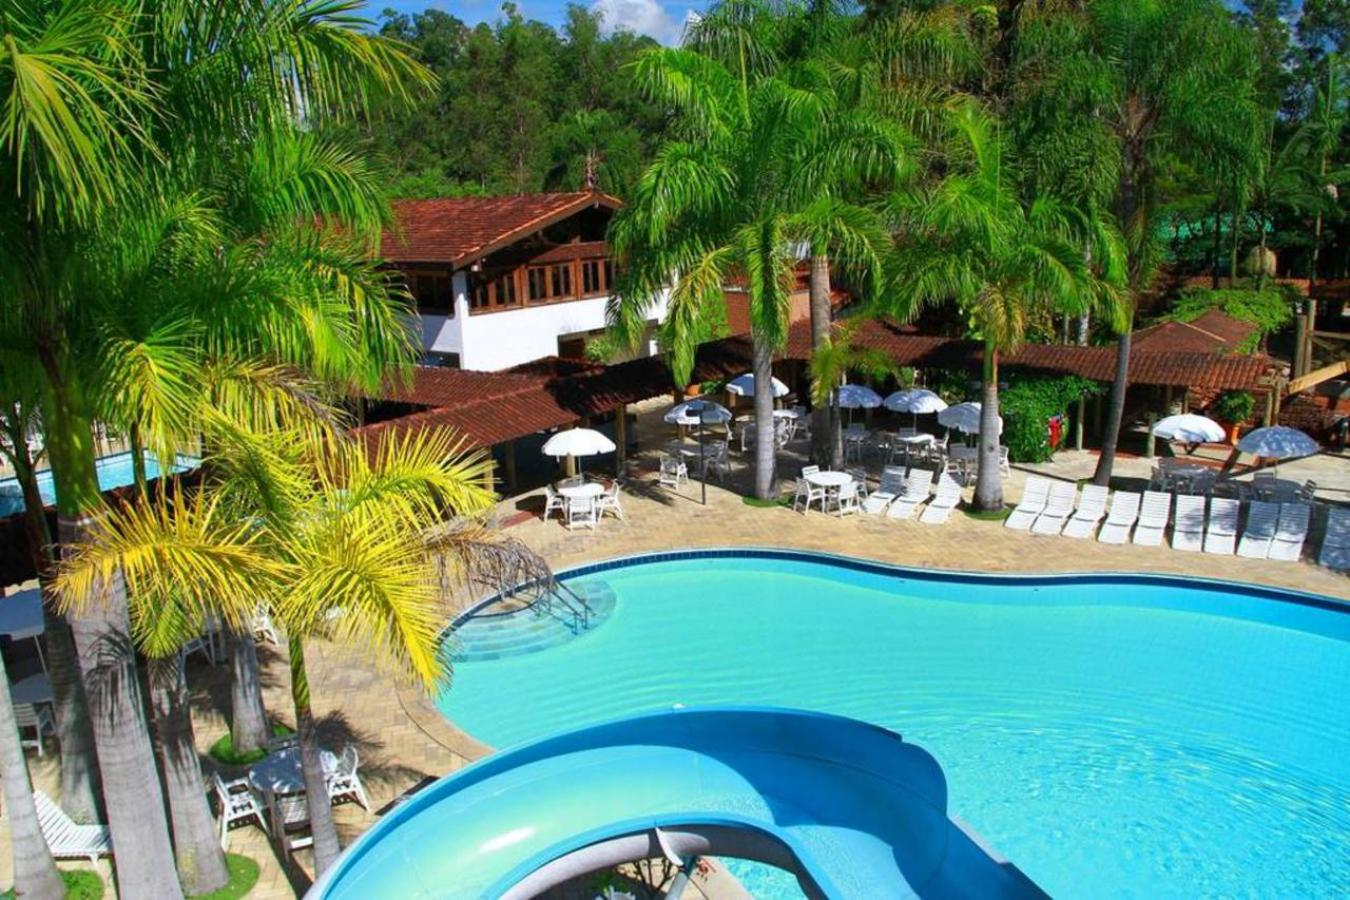 hotel 31 - Final de Semana - 1º Semestre 2020